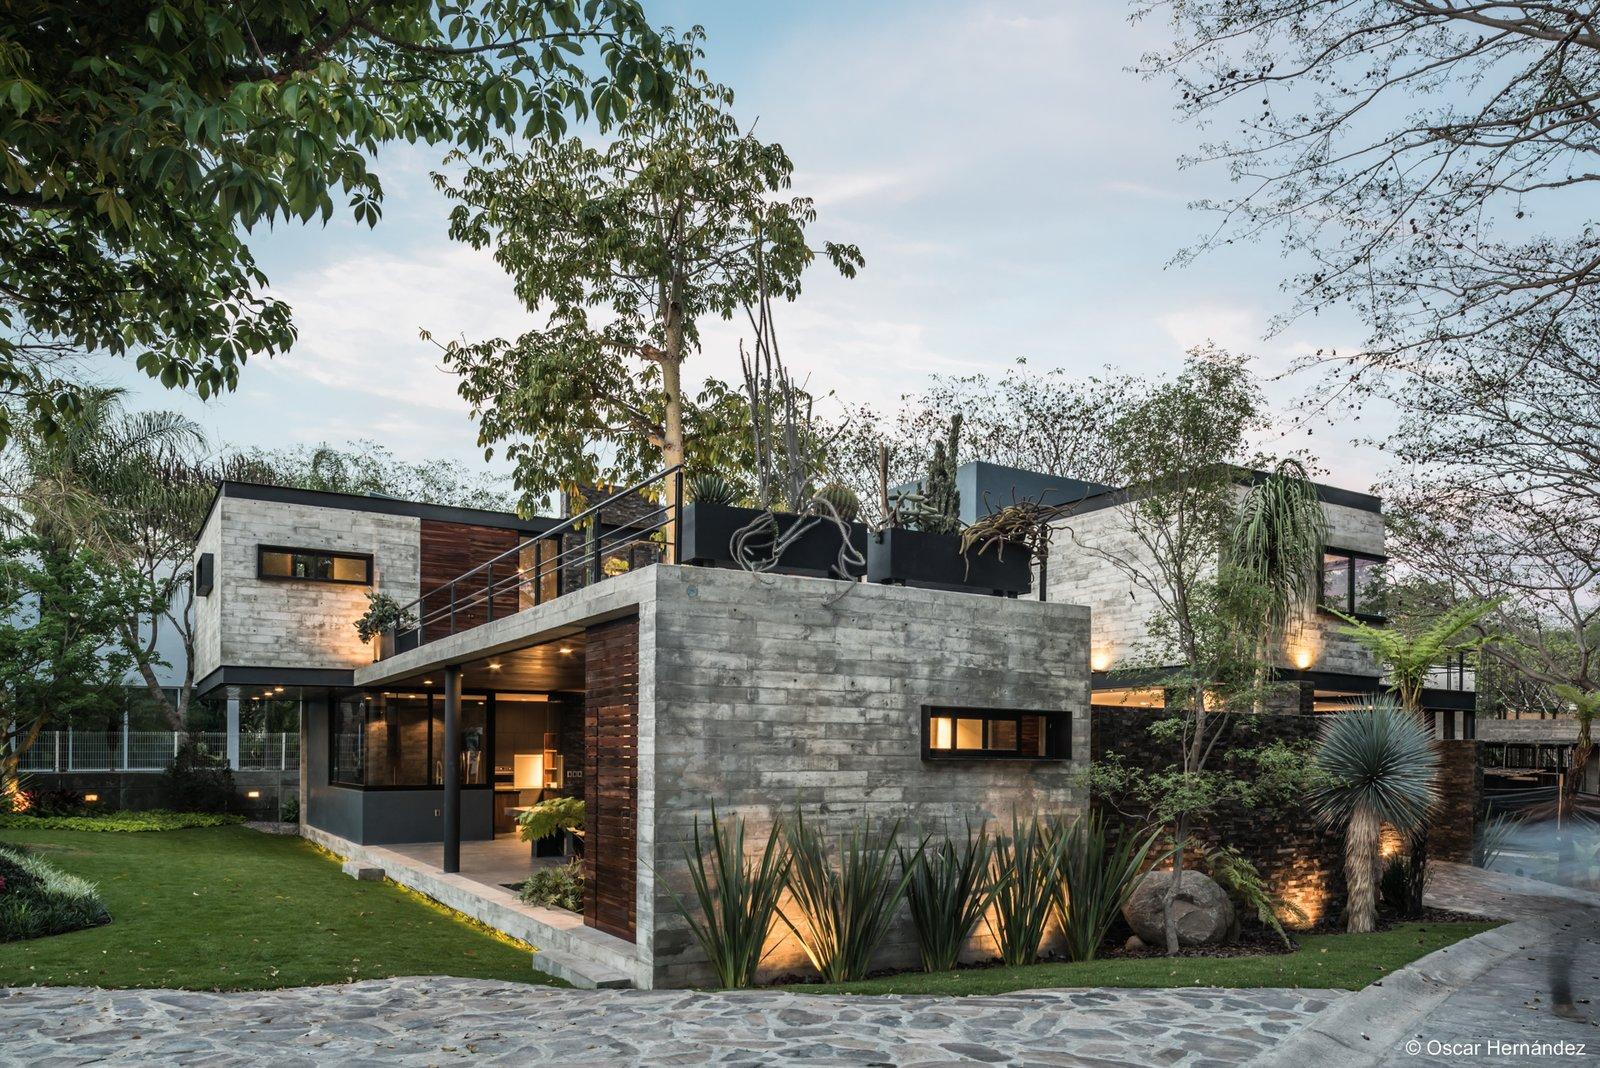 Volumetric concrete design  Casa Kalyvas by Taller de Arquitectura